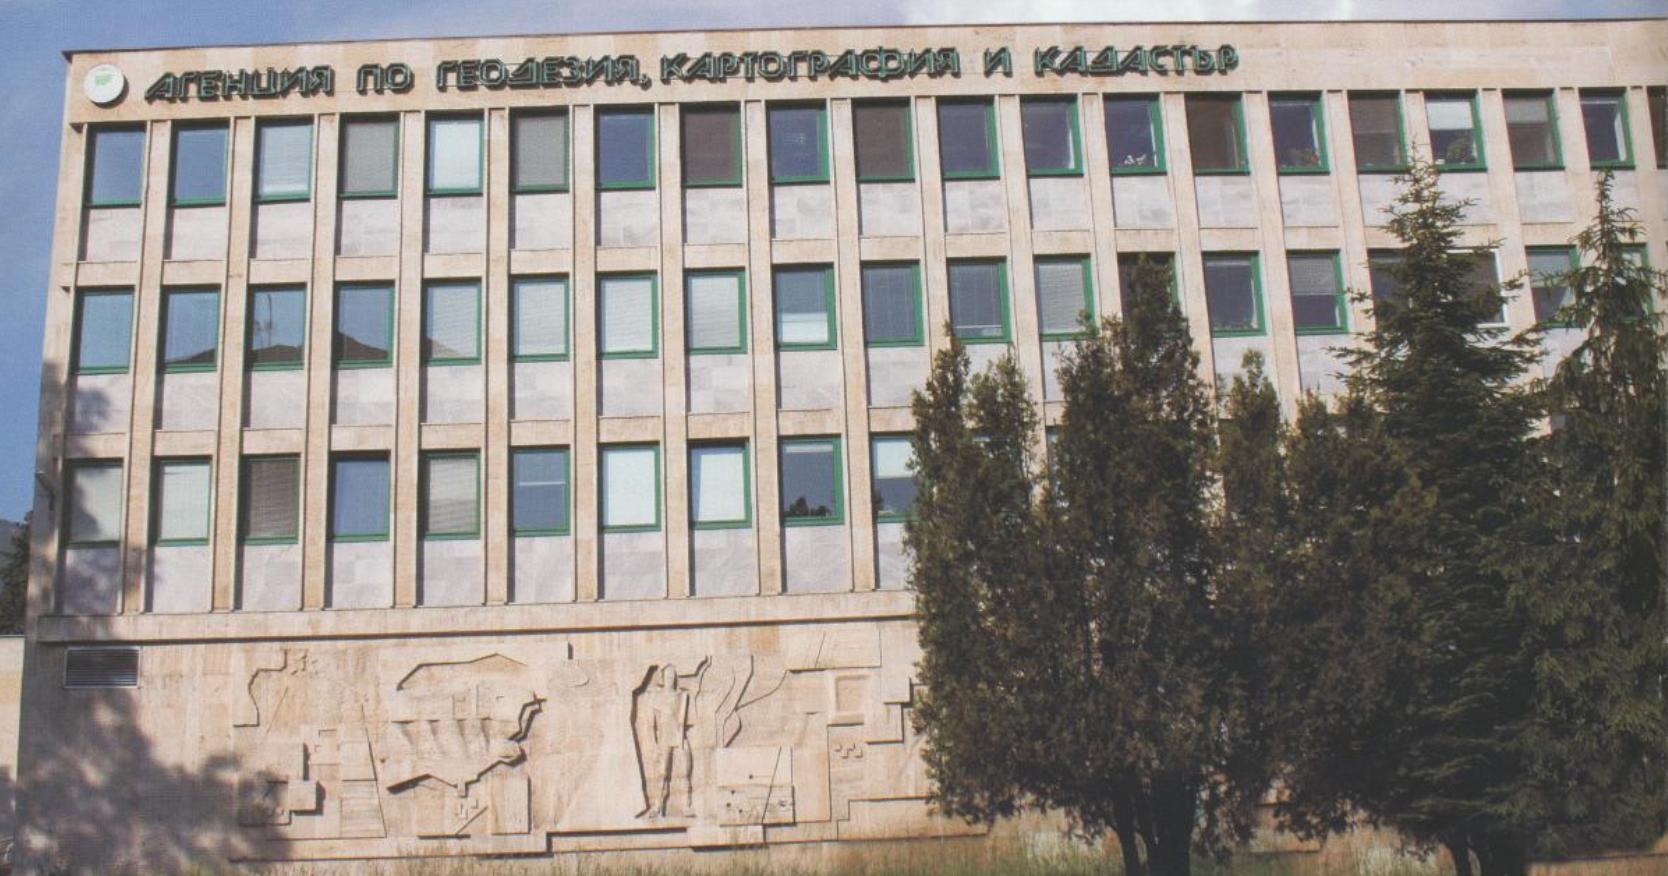 Службата по кадастър в Пловдив с нов адрес